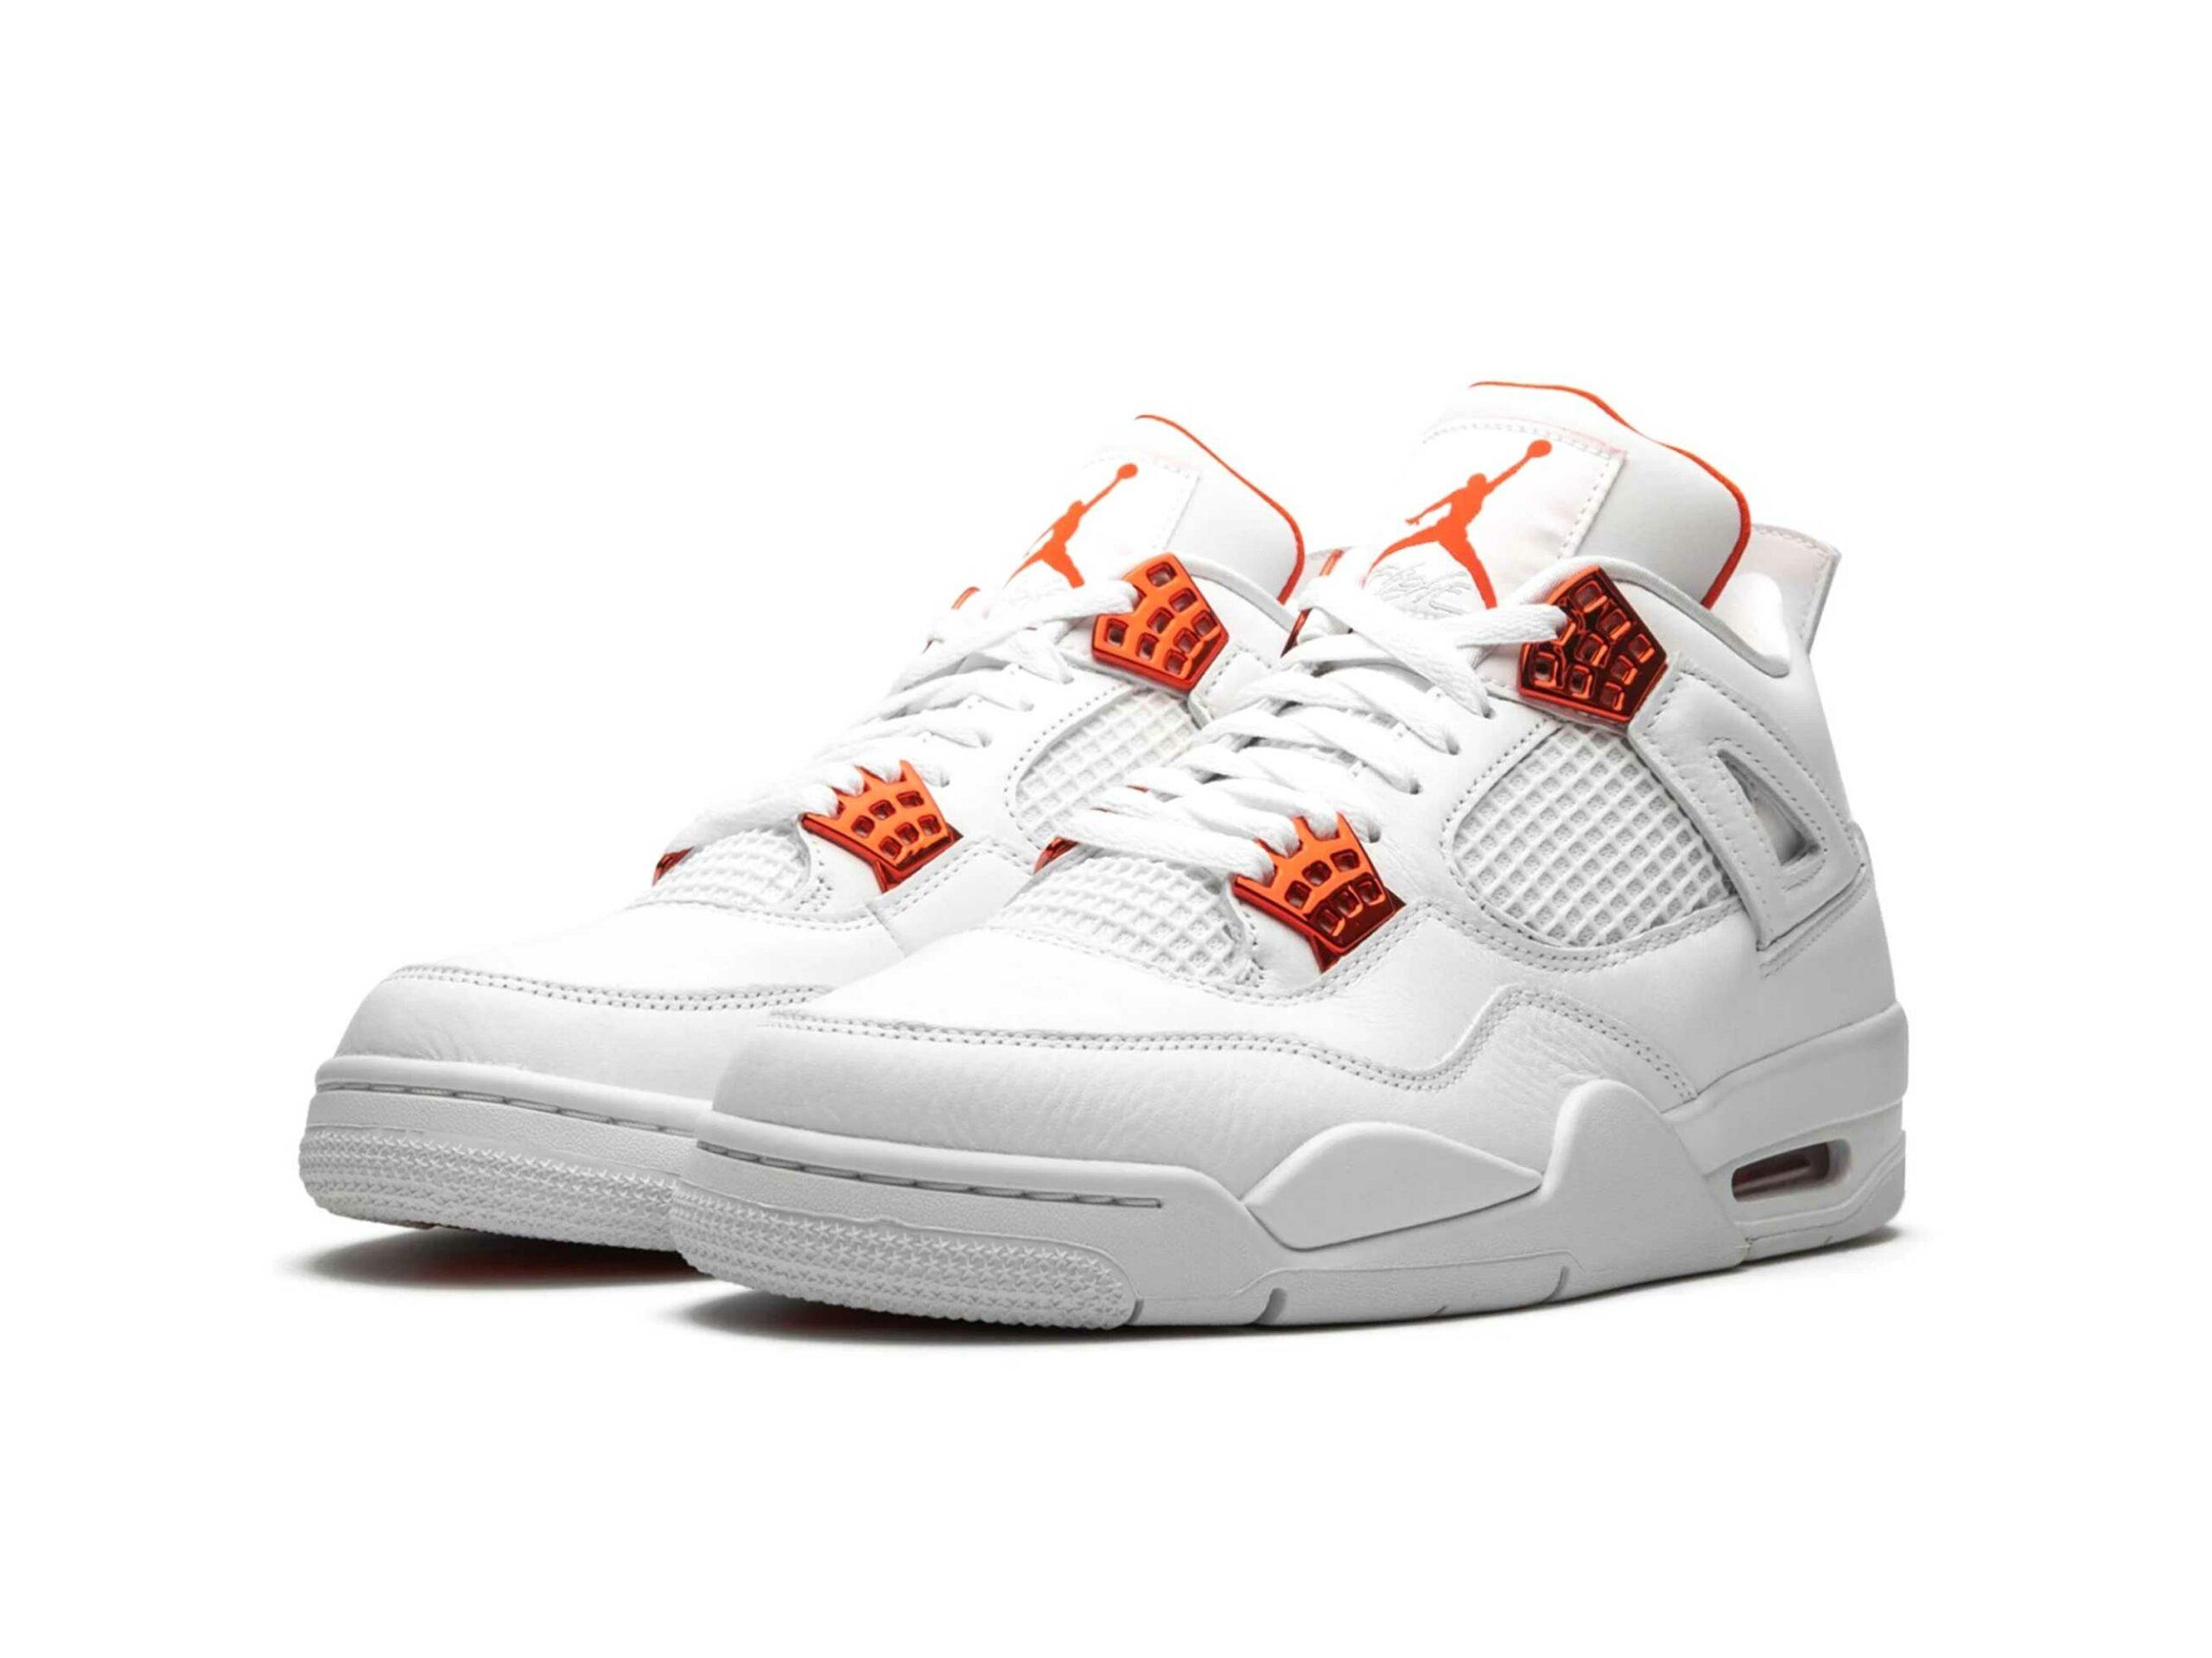 nike air Jordan 4 retro metallic pack orange CT8527_118 купить